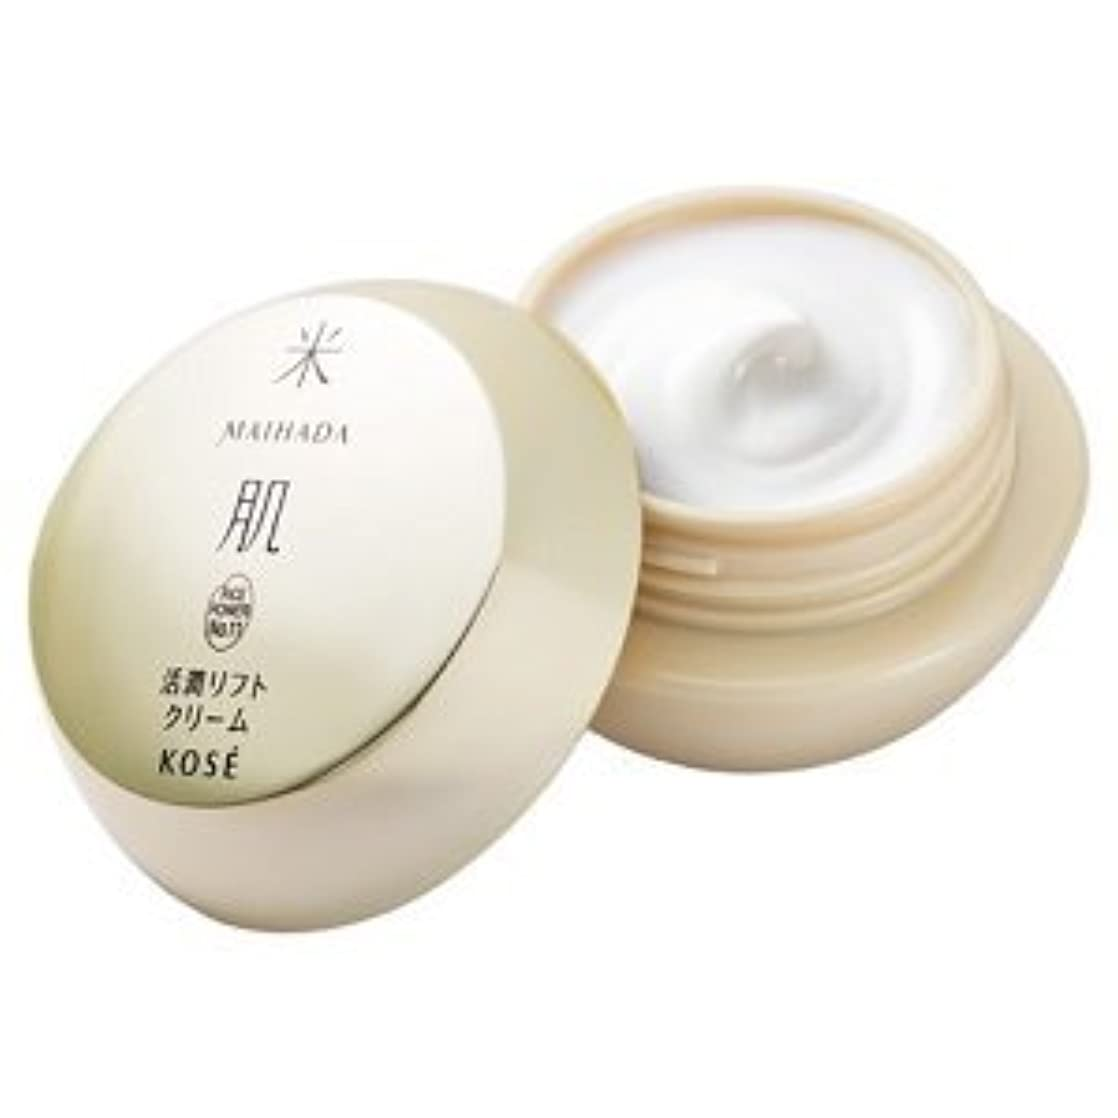 オアシス正気容量コーセー 米肌 活潤 リフトクリーム 40g